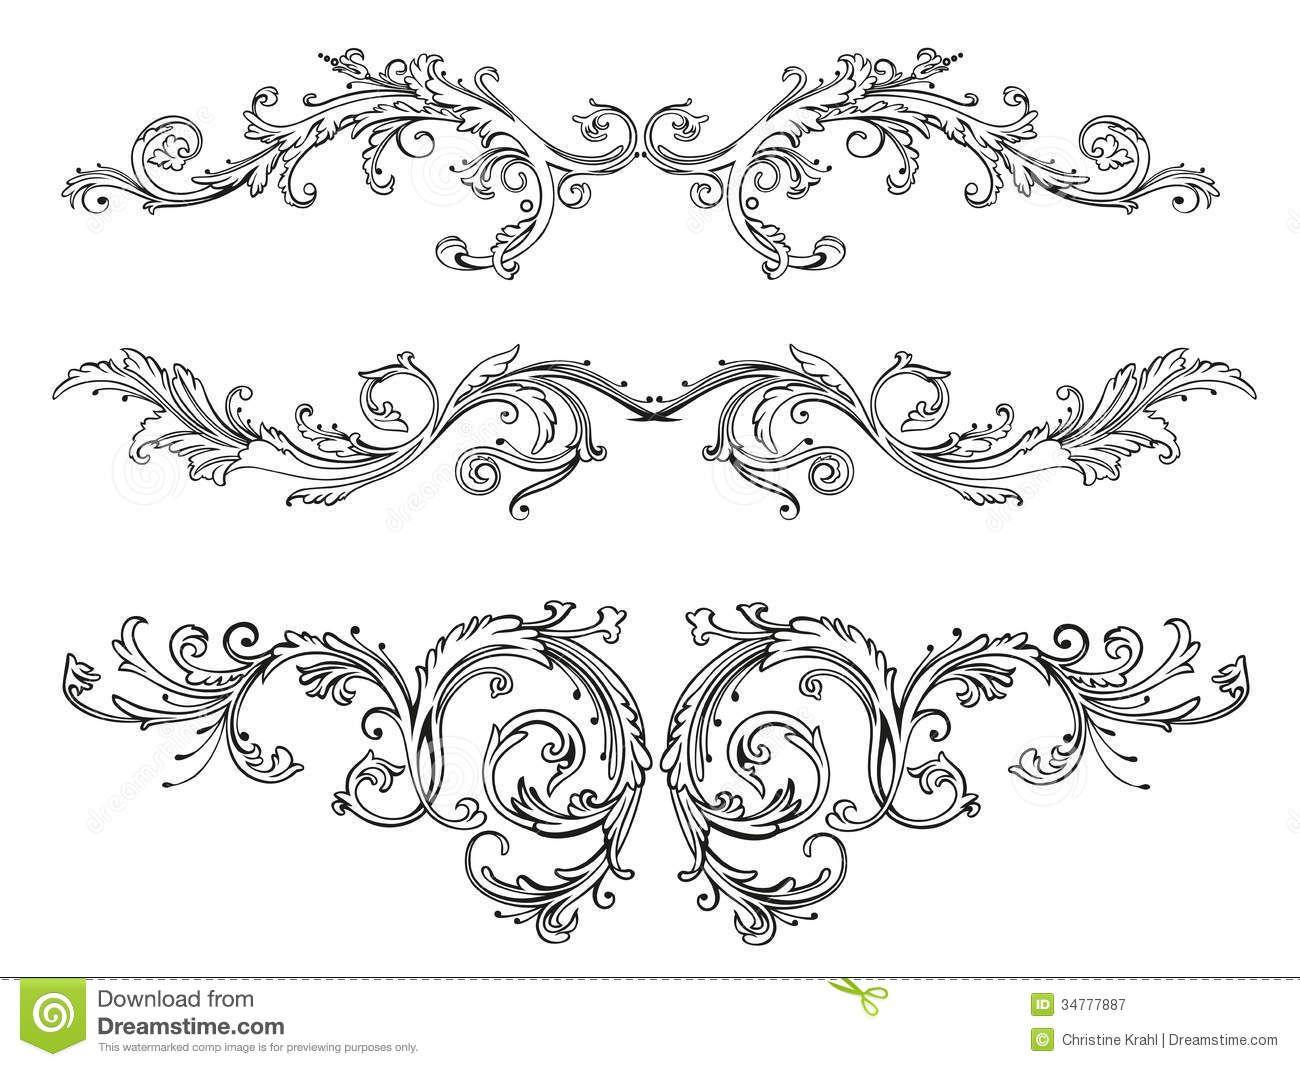 Boarder clipart filigree. Clip art border decorative